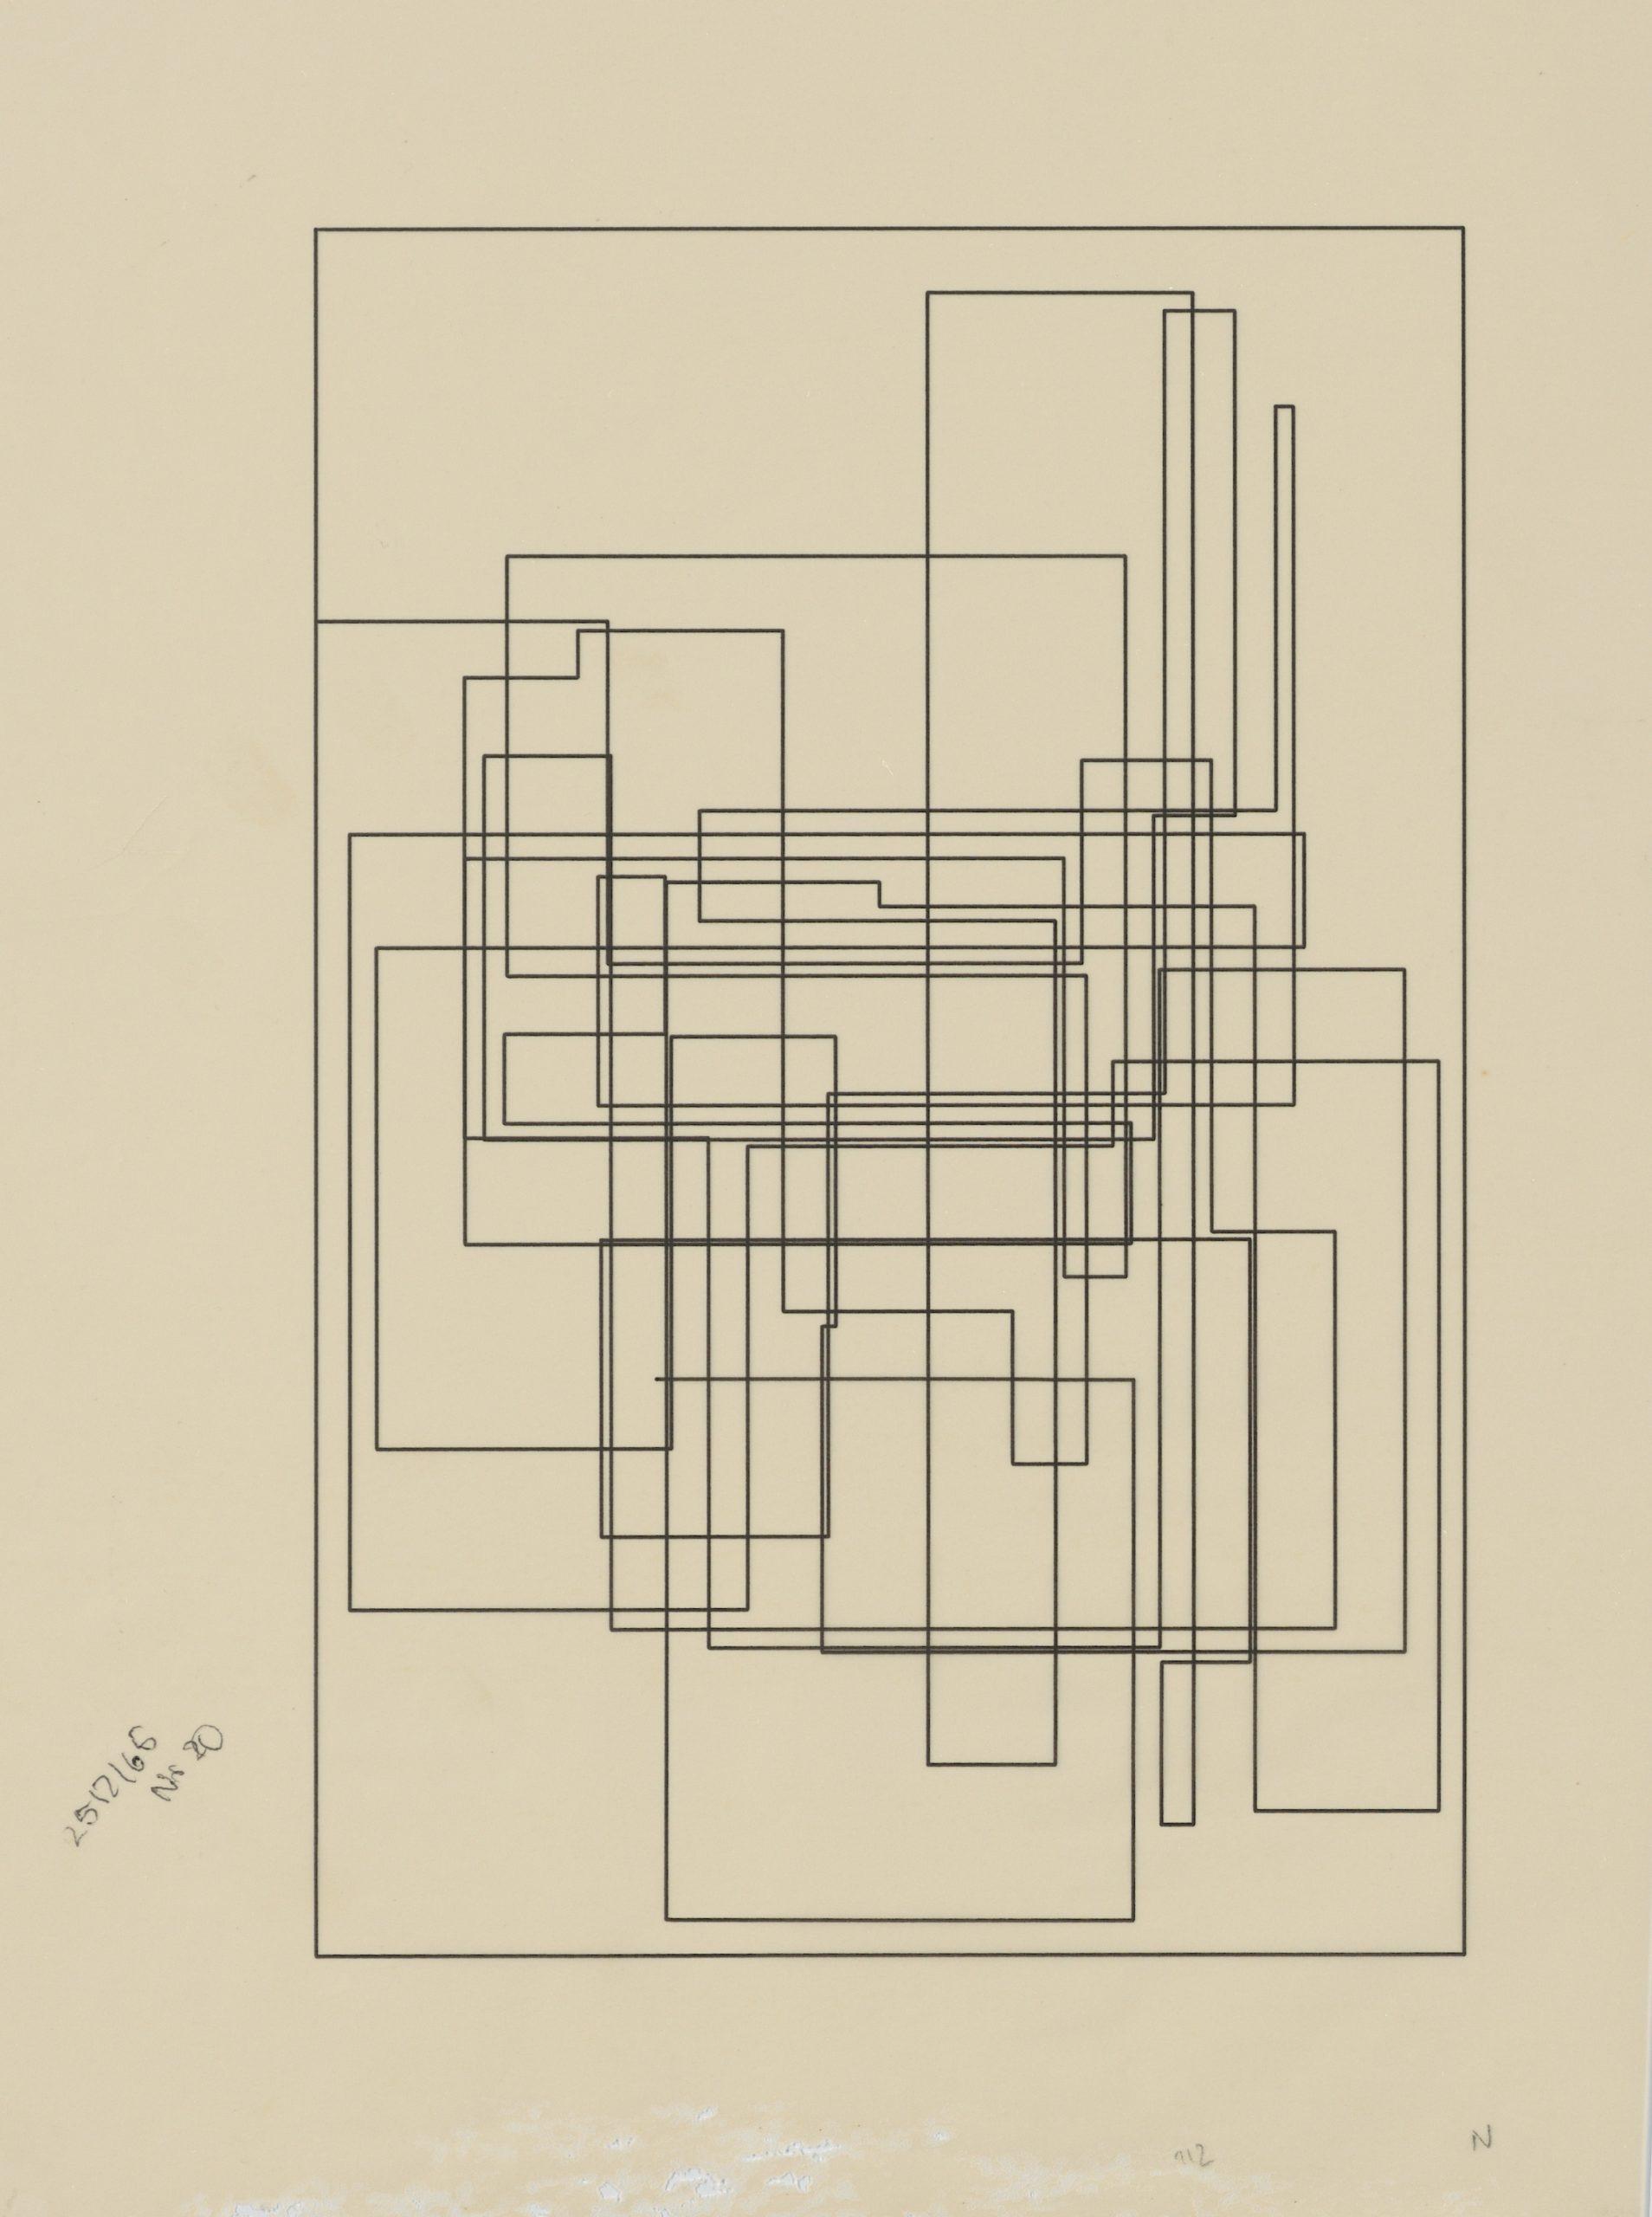 Frieder Nake, Plotterzeichnung, Tinte auf Papier, das Papier ist im unteren Bereich beschädigt, ausserhalb der Zeichnung, 30 x 20 cm, 1965, Preis: 4 000 Euro